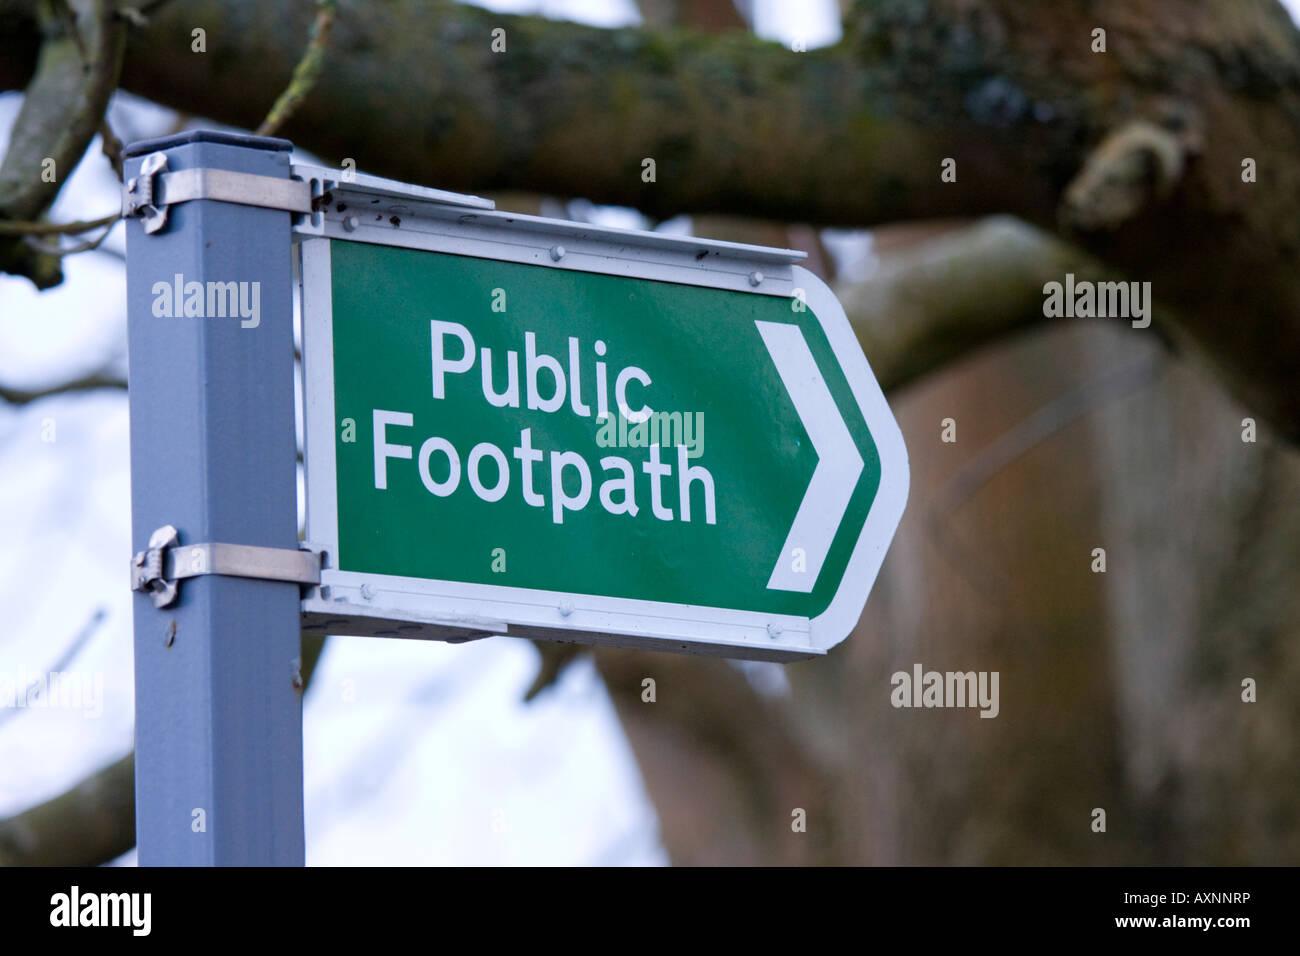 Public footpath sign UK - Stock Image